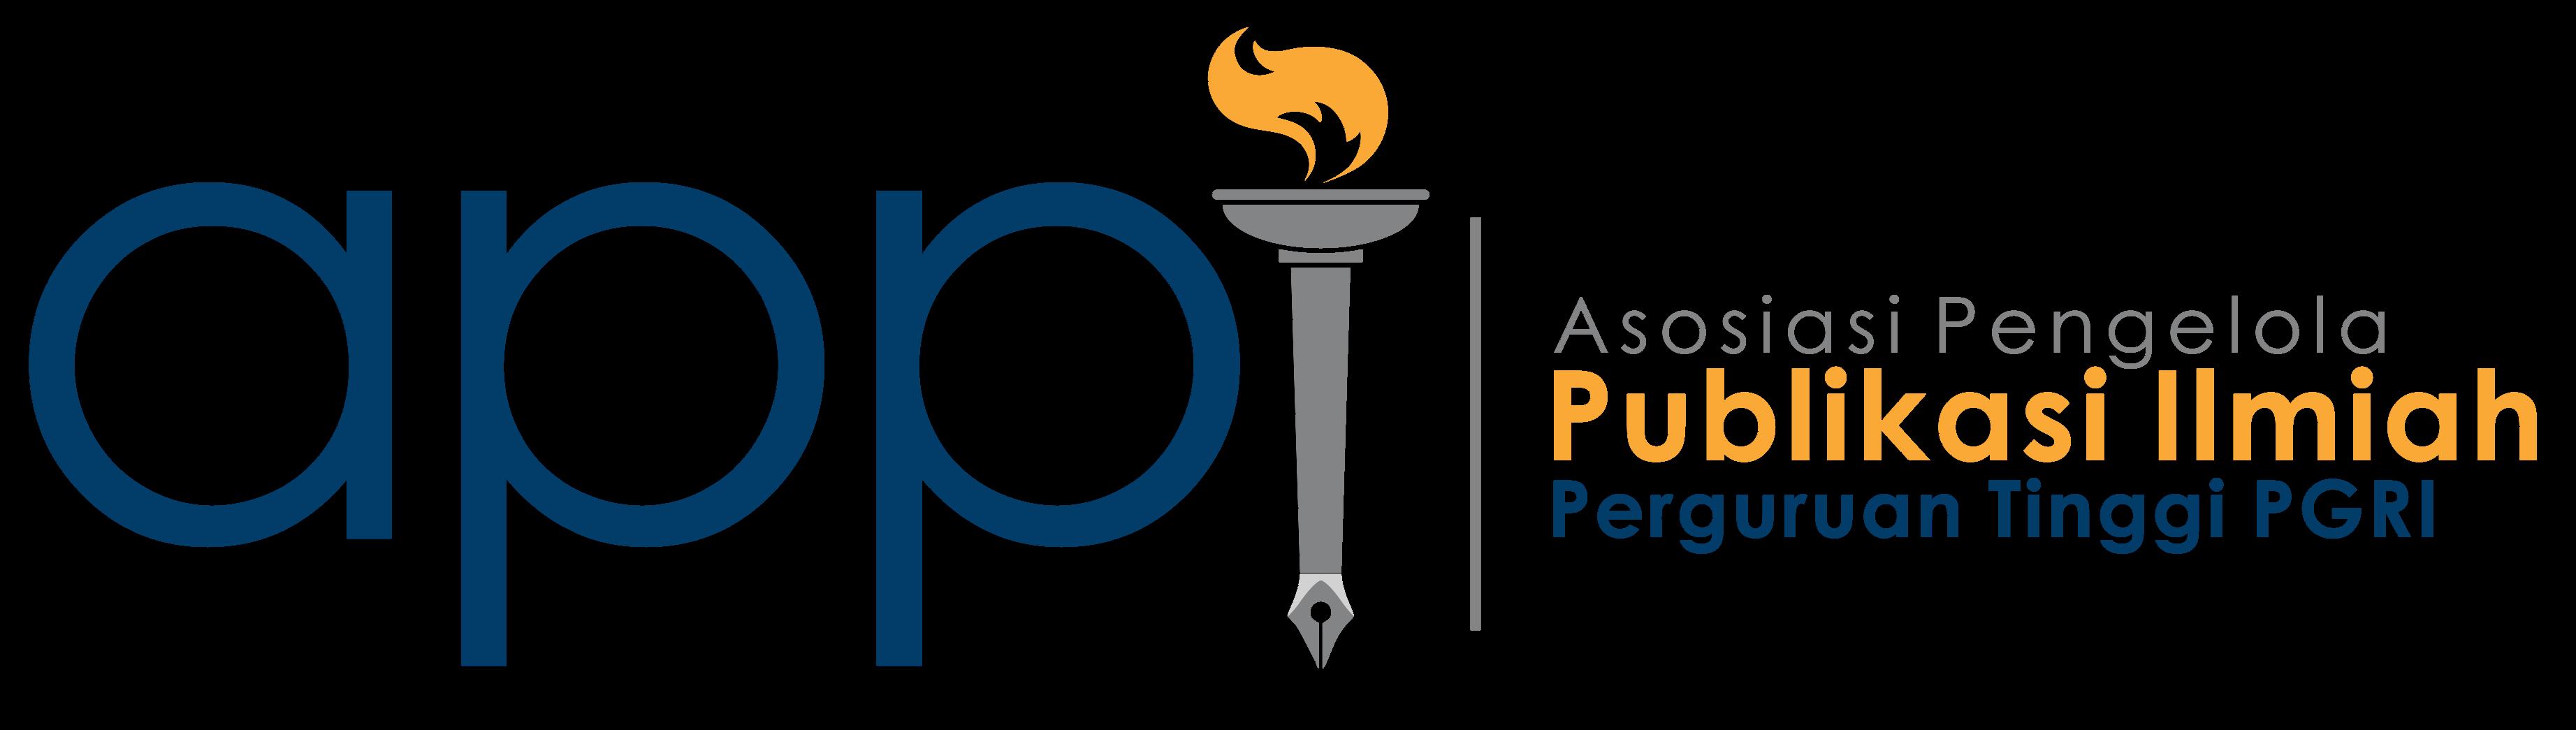 Asosiasi Pengelola Publikasi Imliah (APPI)